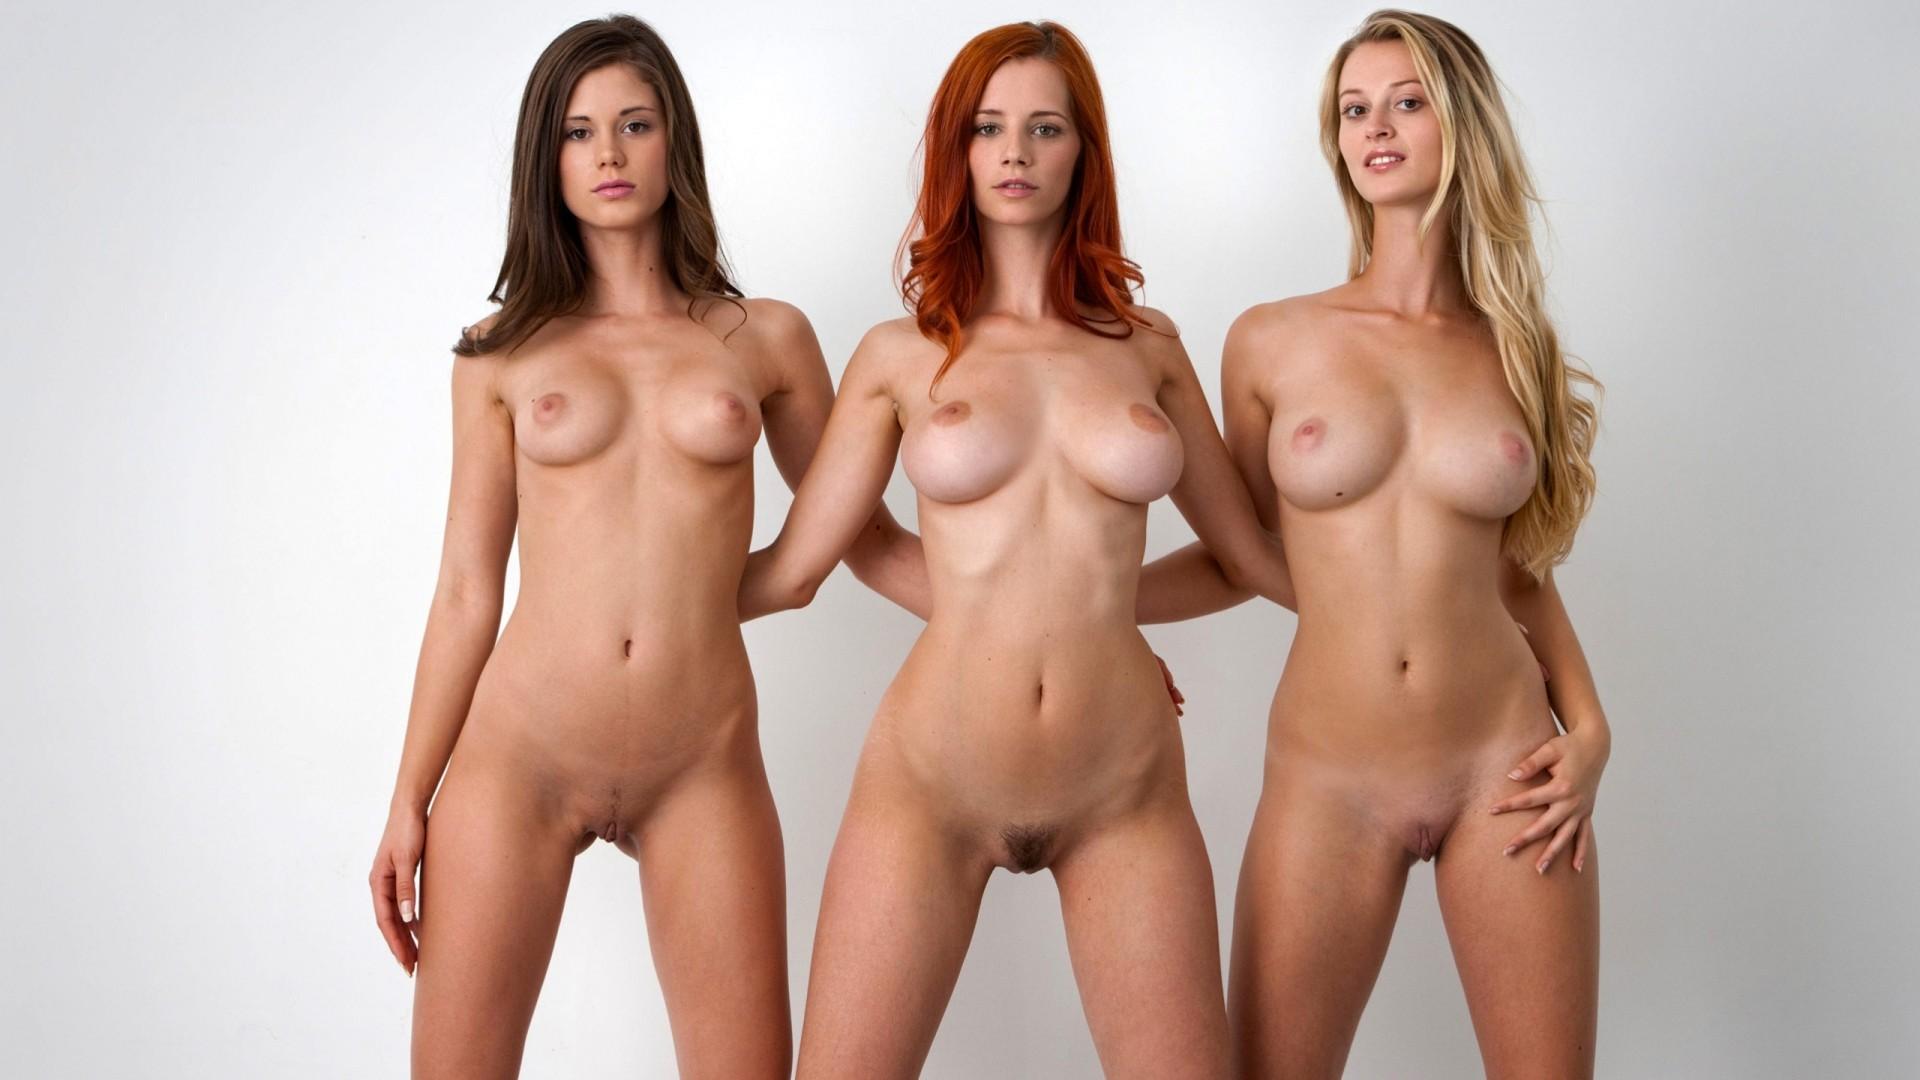 Эротическое Видео Голых Девушек